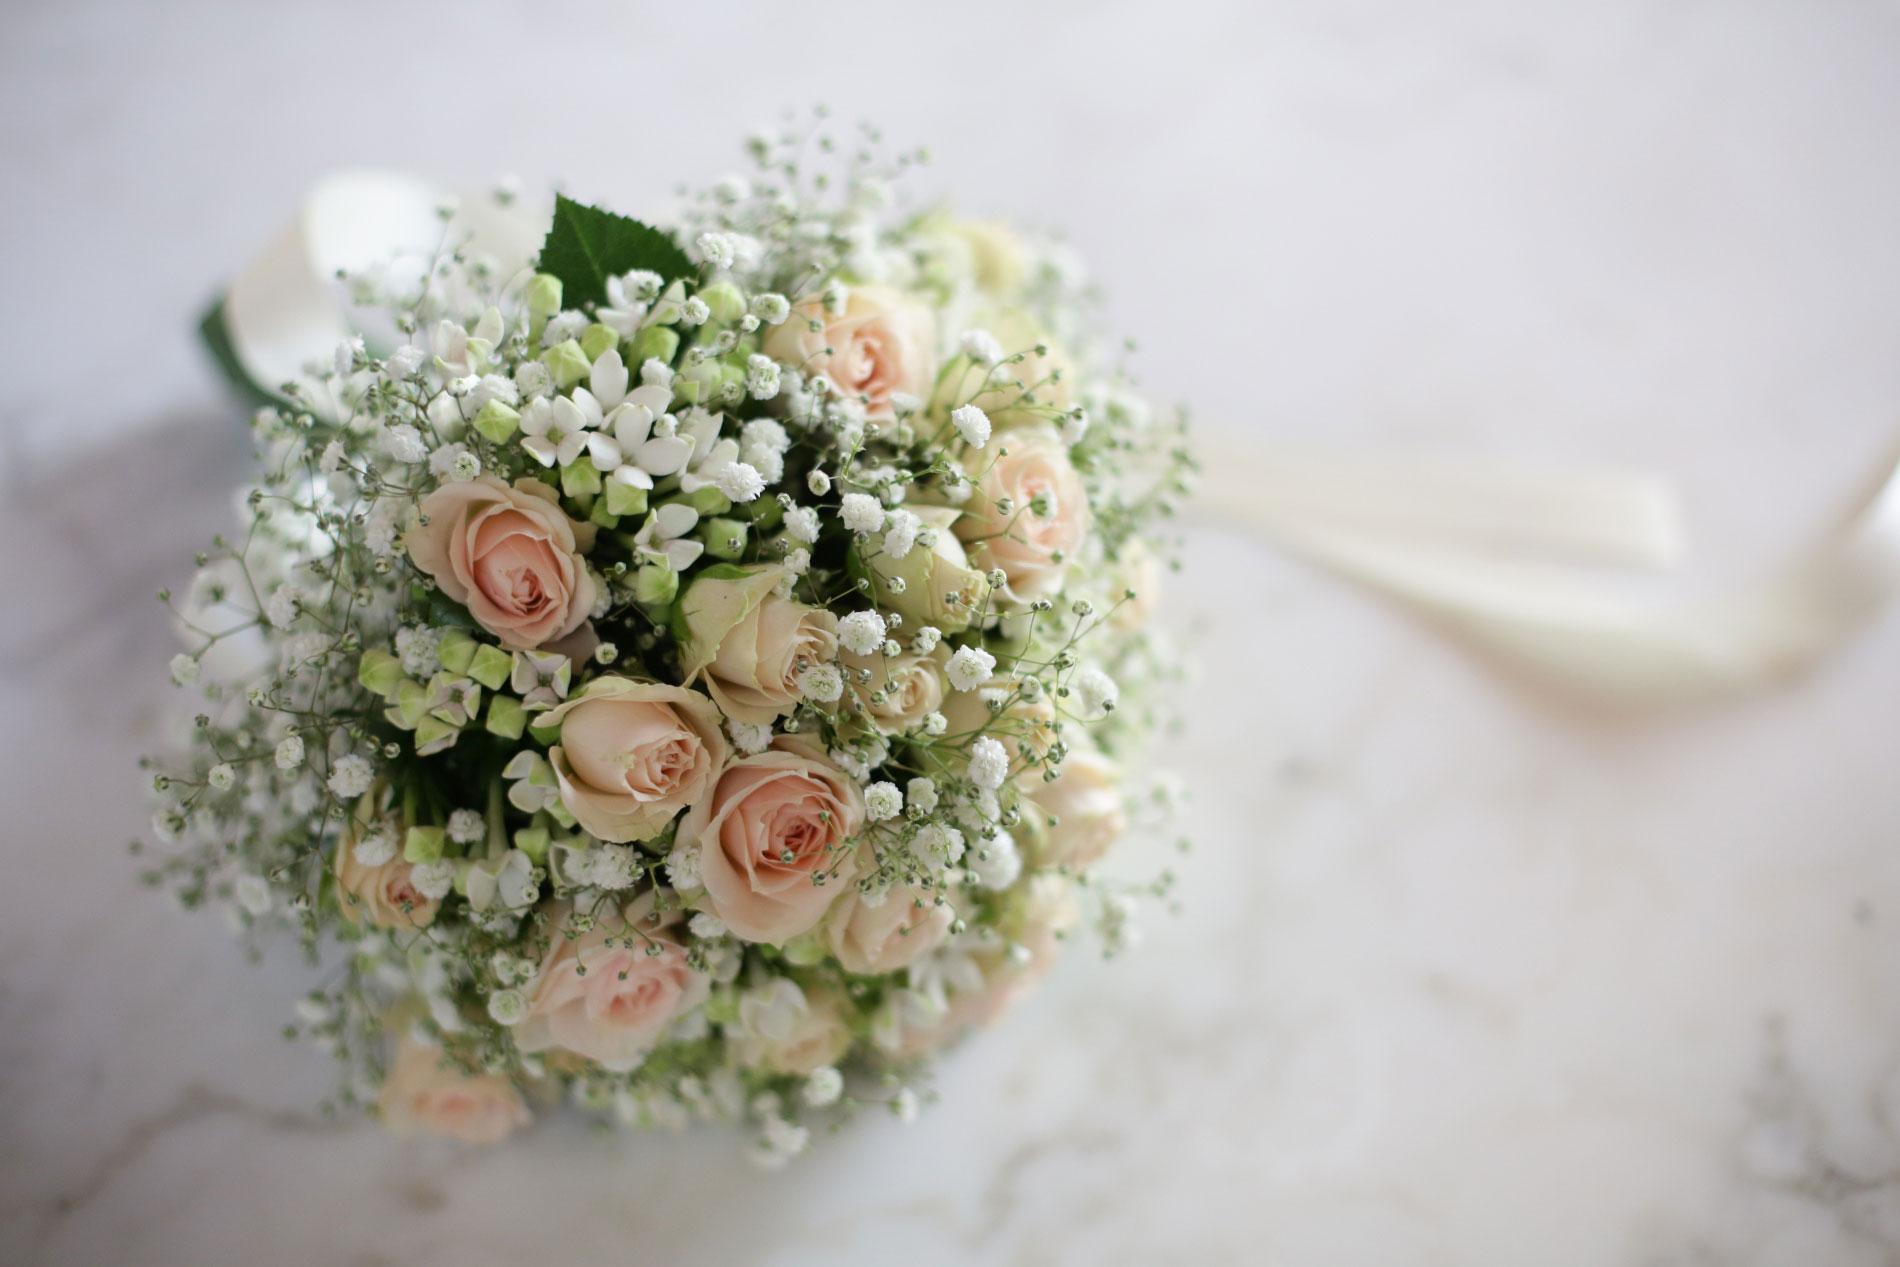 Bouquet Sposa Fiori Piccoli.I Bouquet Delle Celebrita Come Potrebbe Essere Il Vostro Bouquet